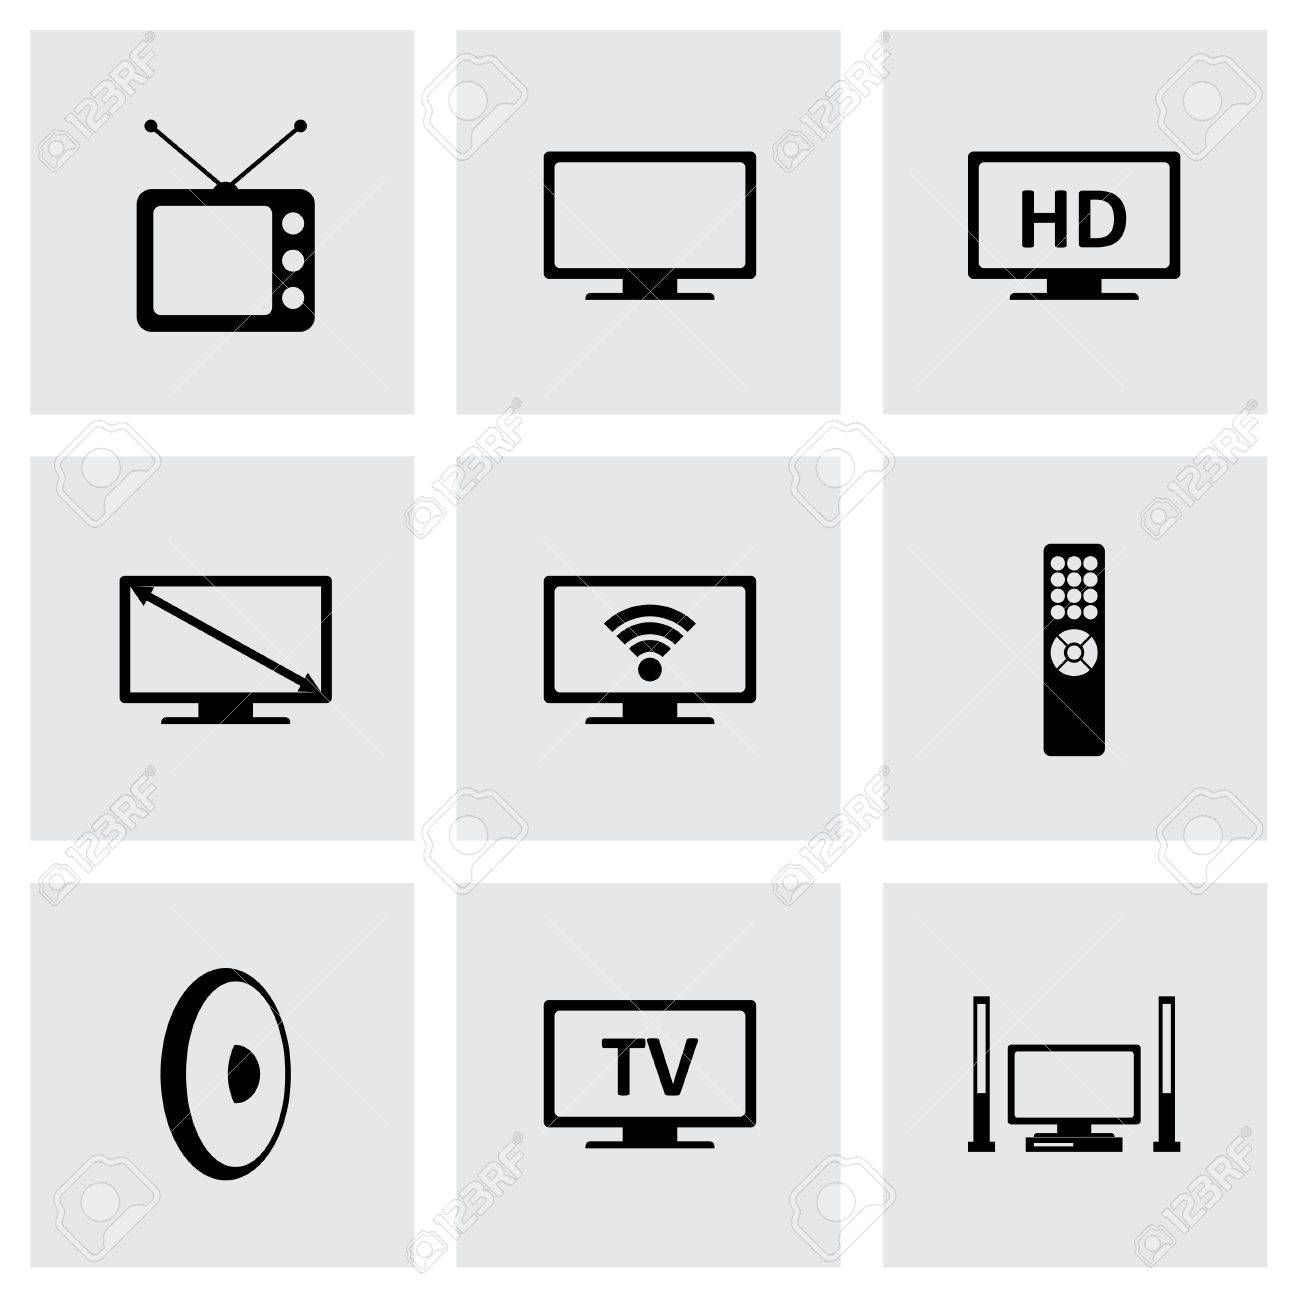 tv icon set on grey background - 38740715